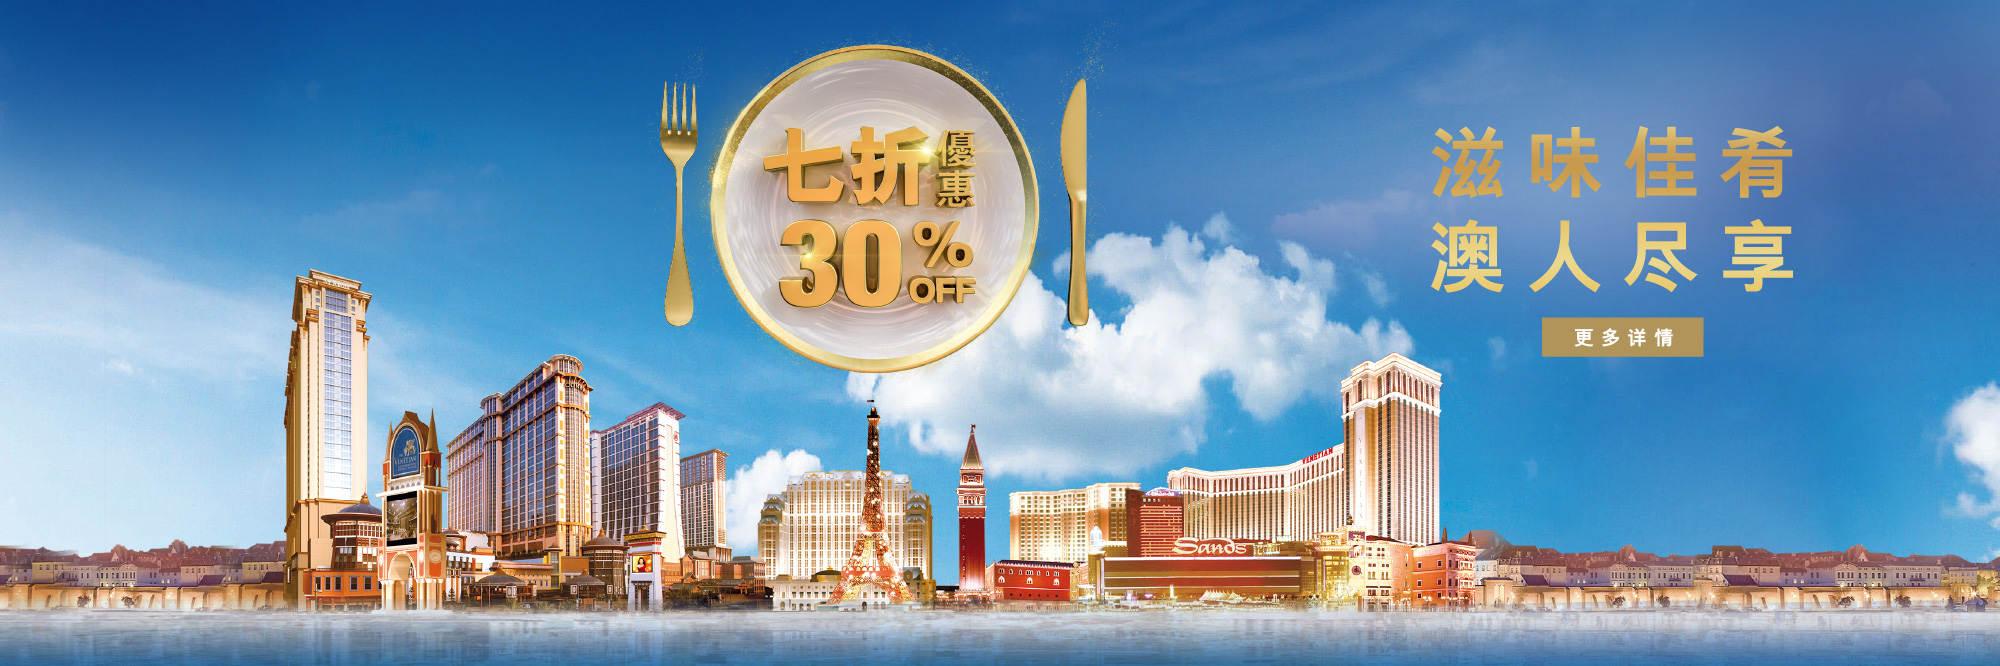 https://assets.sandsresortsmacao.cn/content/sandsresortsmacao/dining/cny-2020/cny-2020_cta-banner_2000x666_sc.jpg